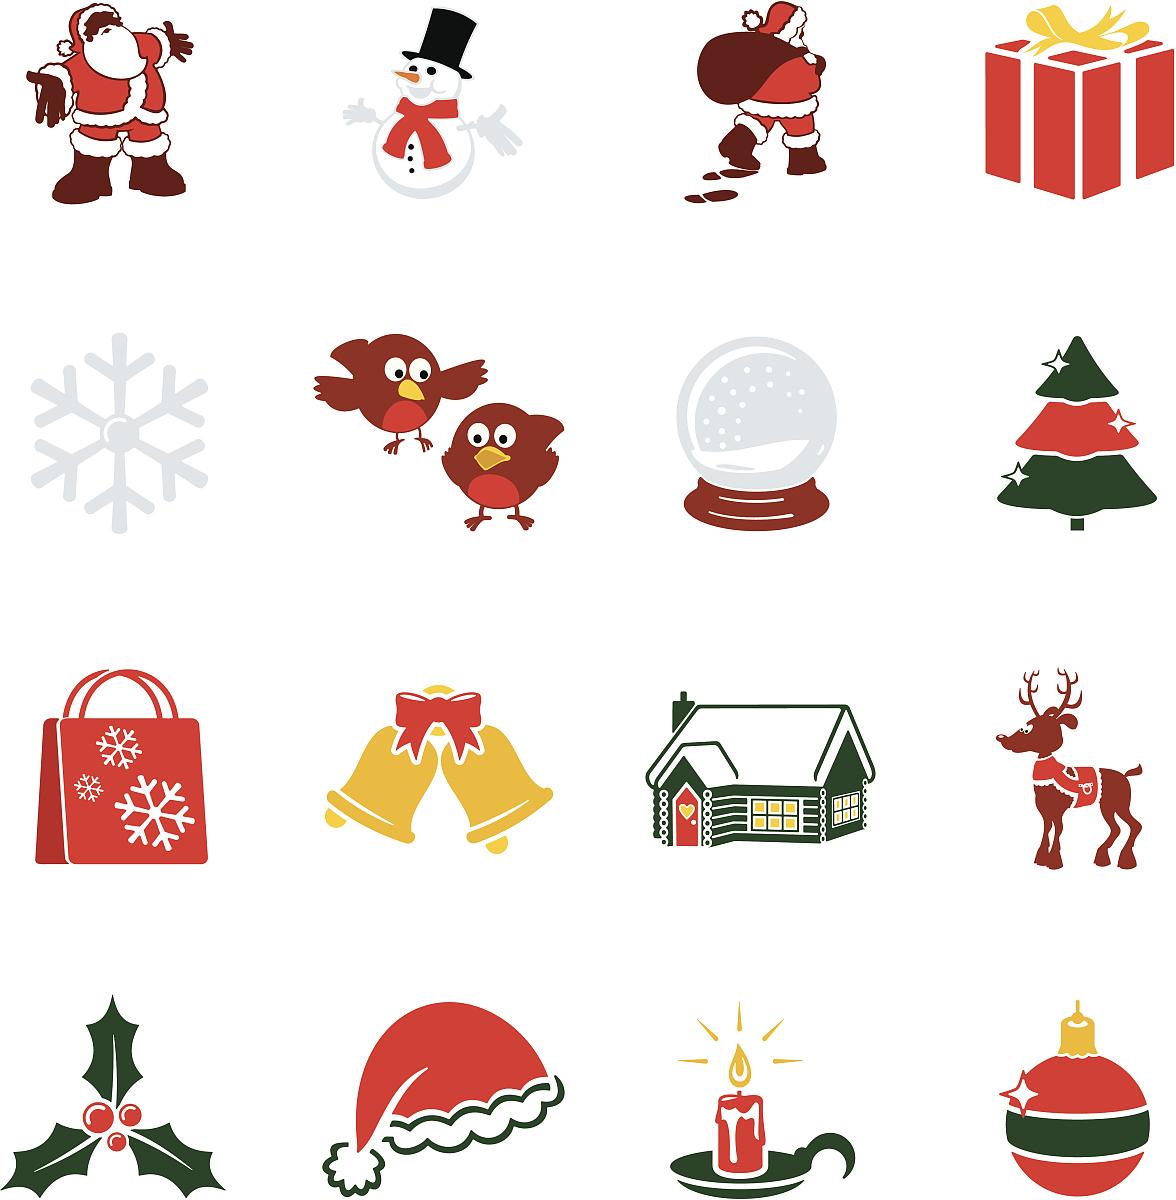 驯鹿,知更鸟,圣诞老公,铃,小木屋,卡通,绘画插图,圣诞树,礼物图片图片